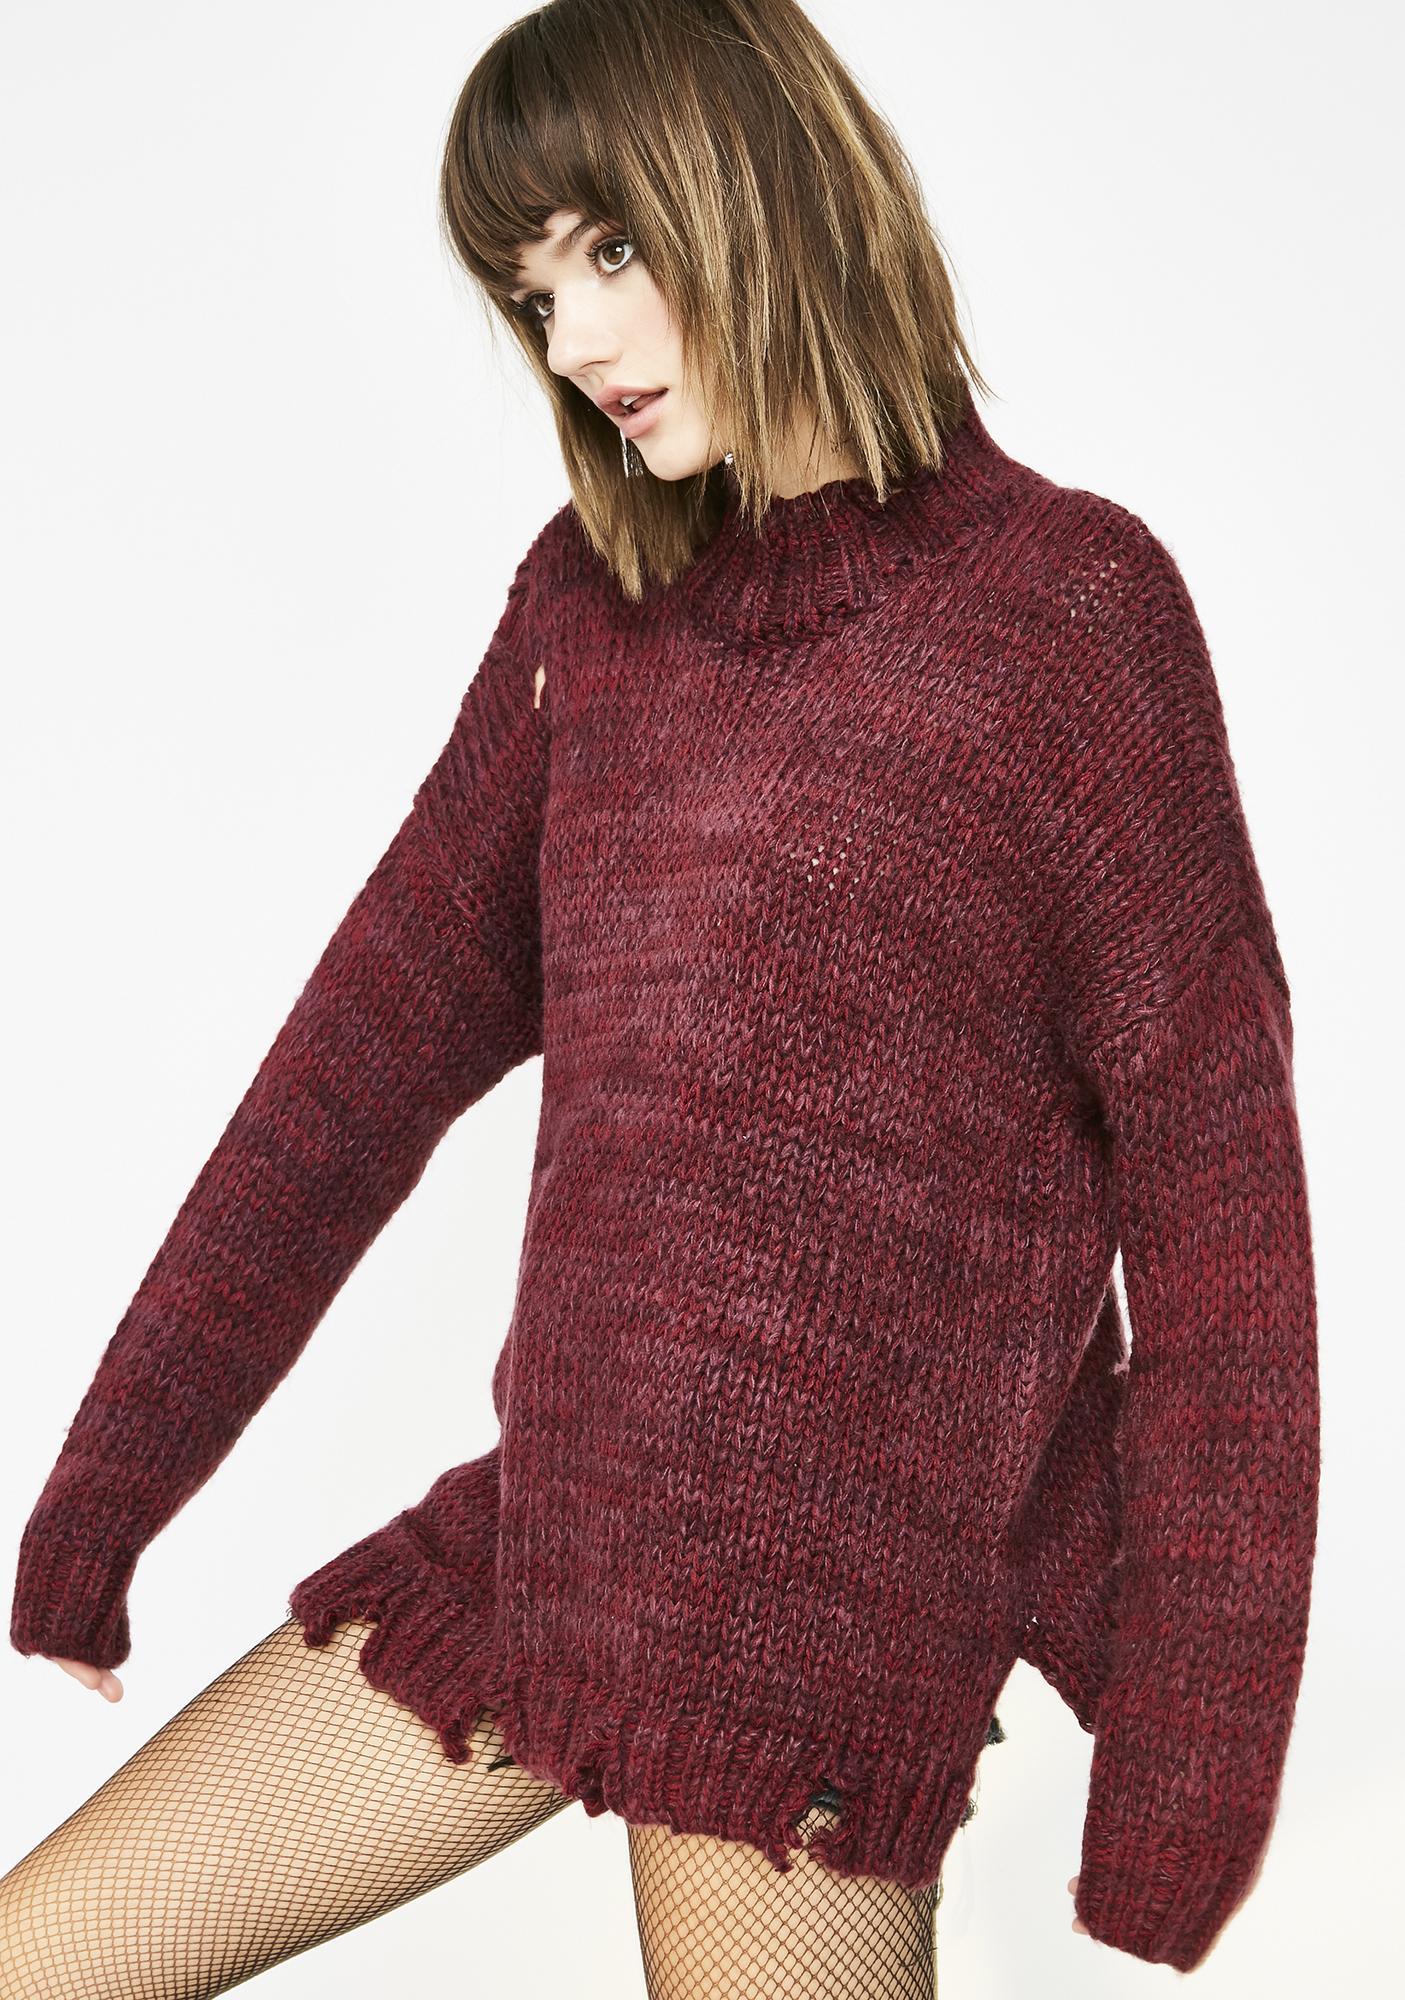 Ravage Savage Distressed Sweater